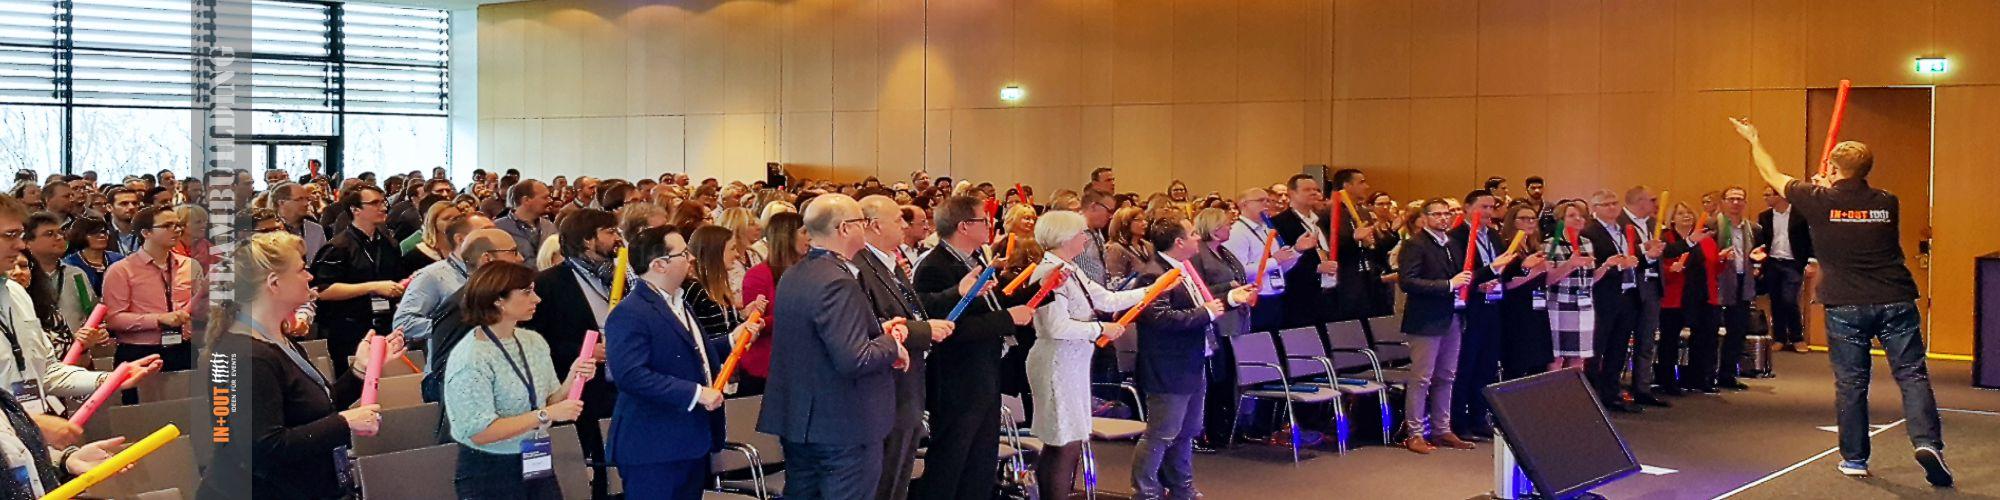 Ideen für Team Events - Bommwhacker Incentive - Lufthansa 550 Teilnehmer - Köln